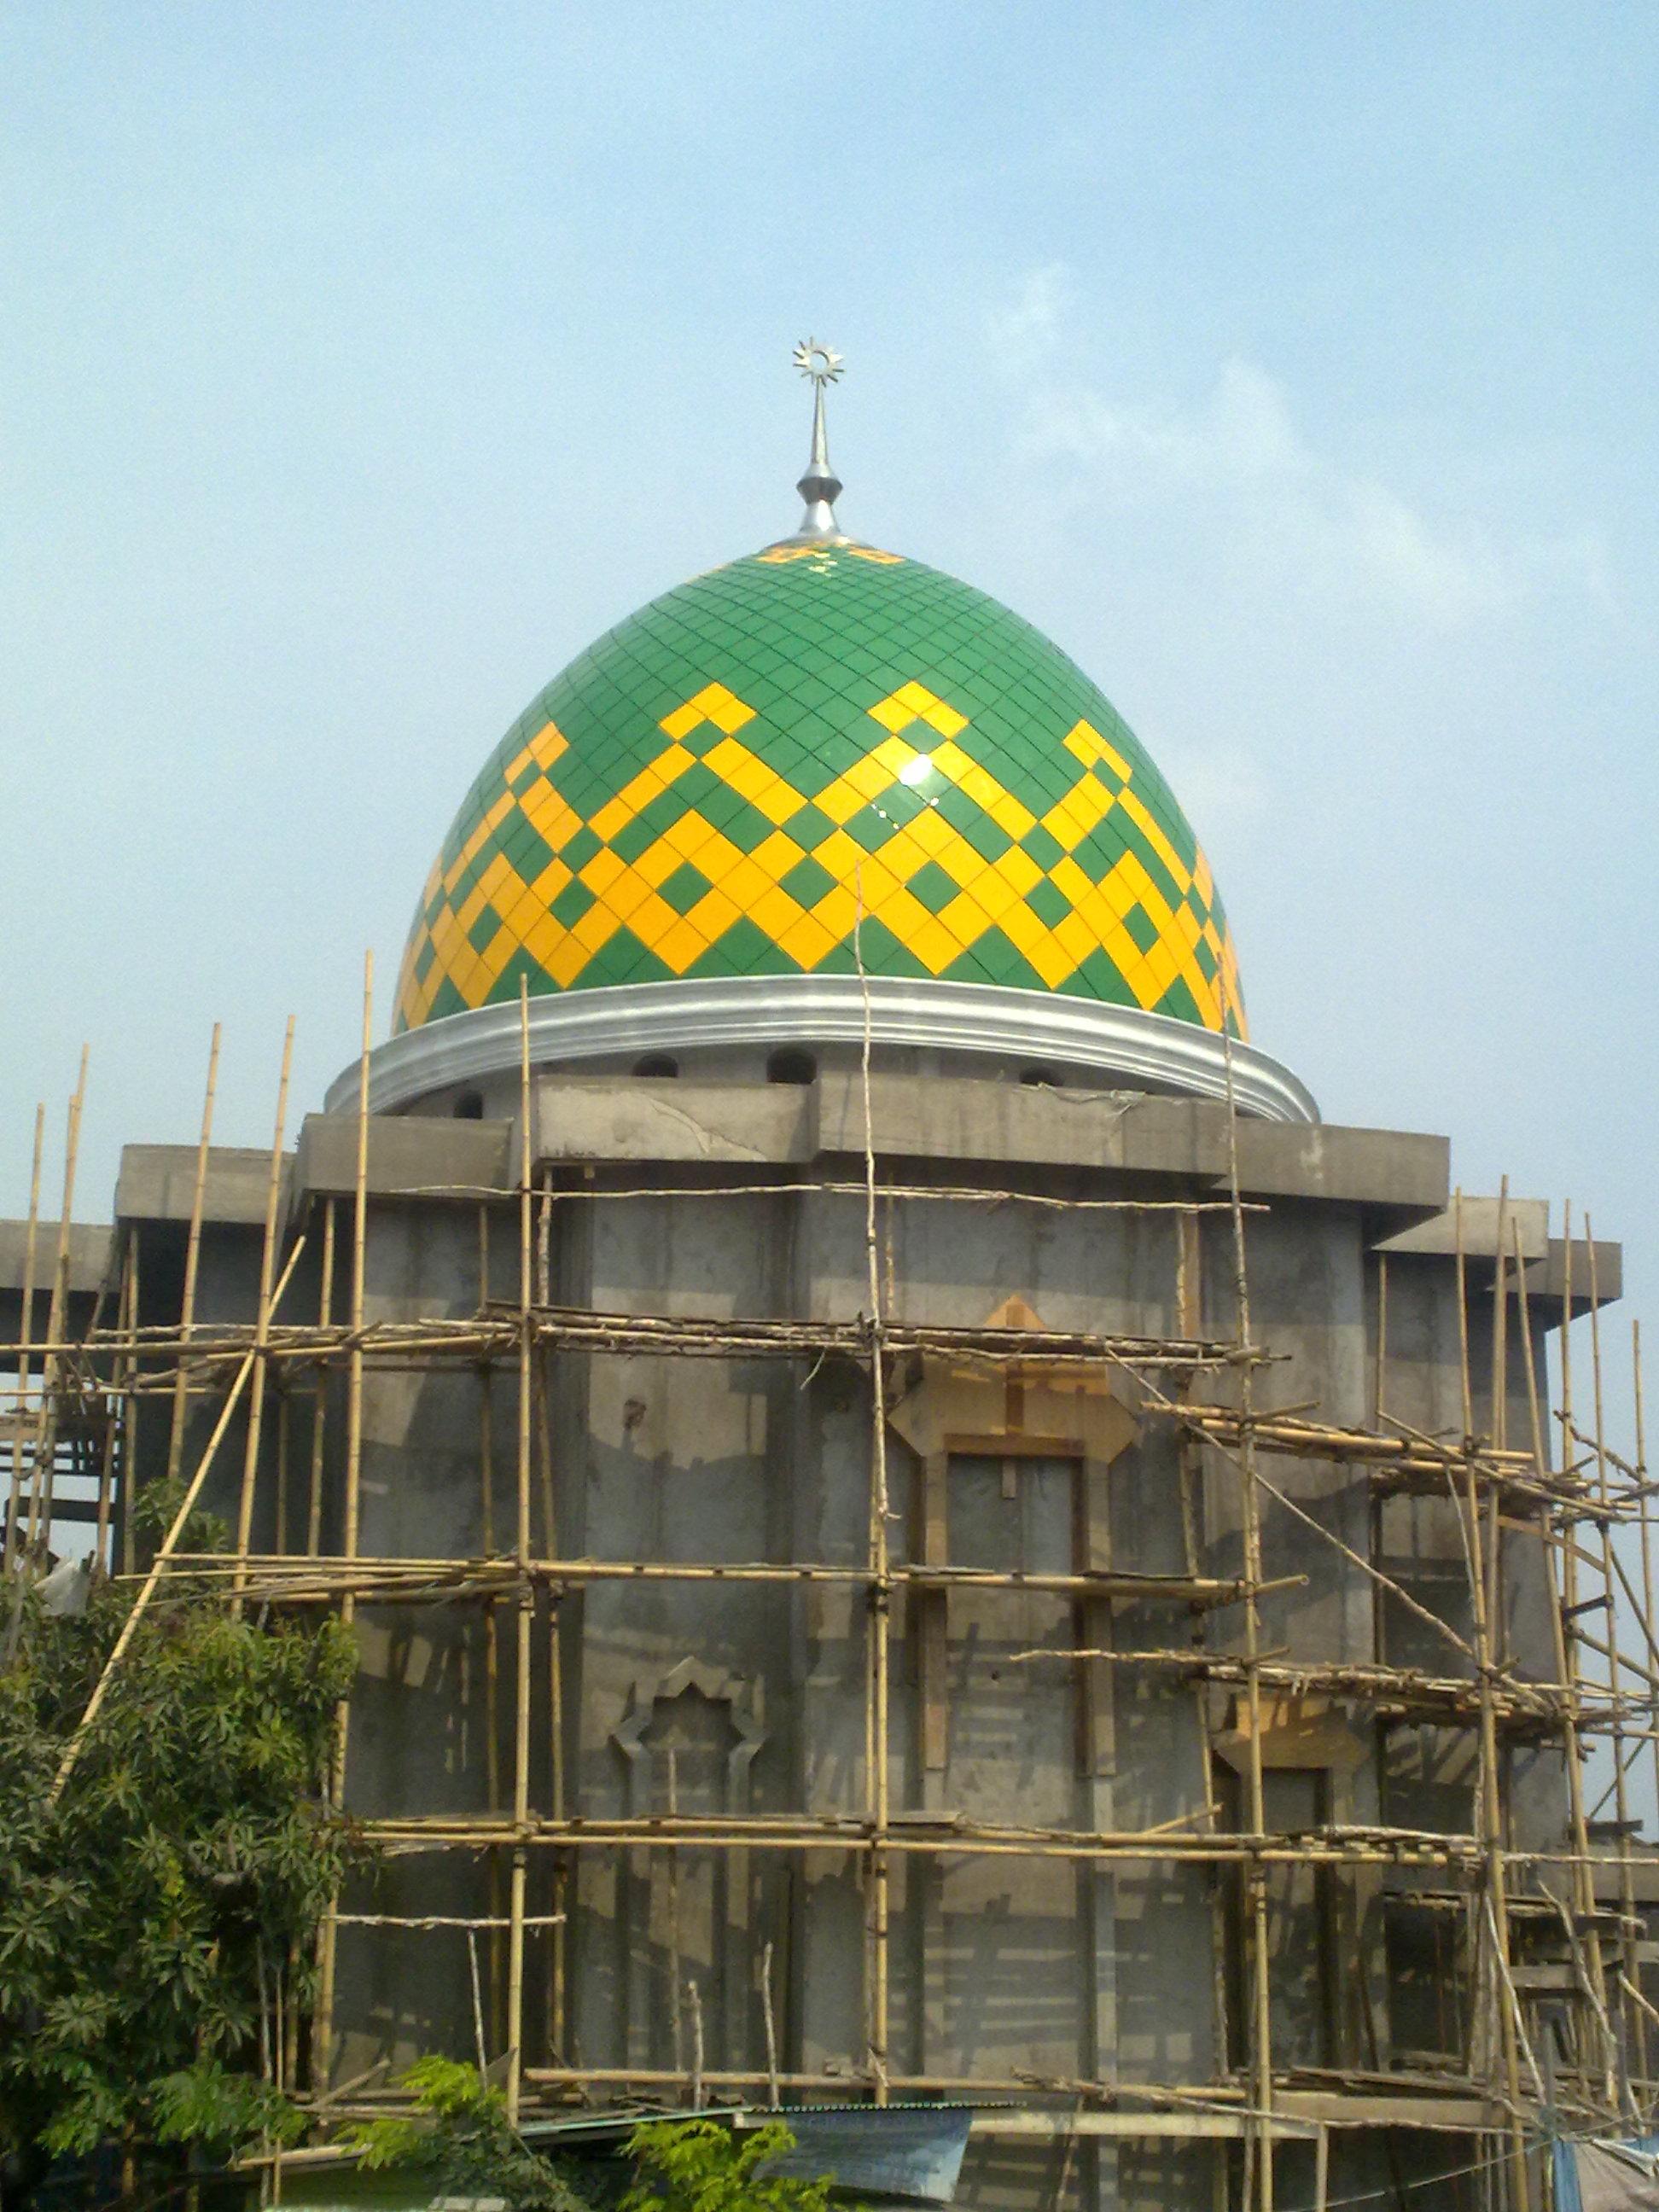 một ví dụ về mái vòm của nhà thờ Hồi giáo trong một nhà thờ Hồi giáo nhỏ ở vùng Kalimantan